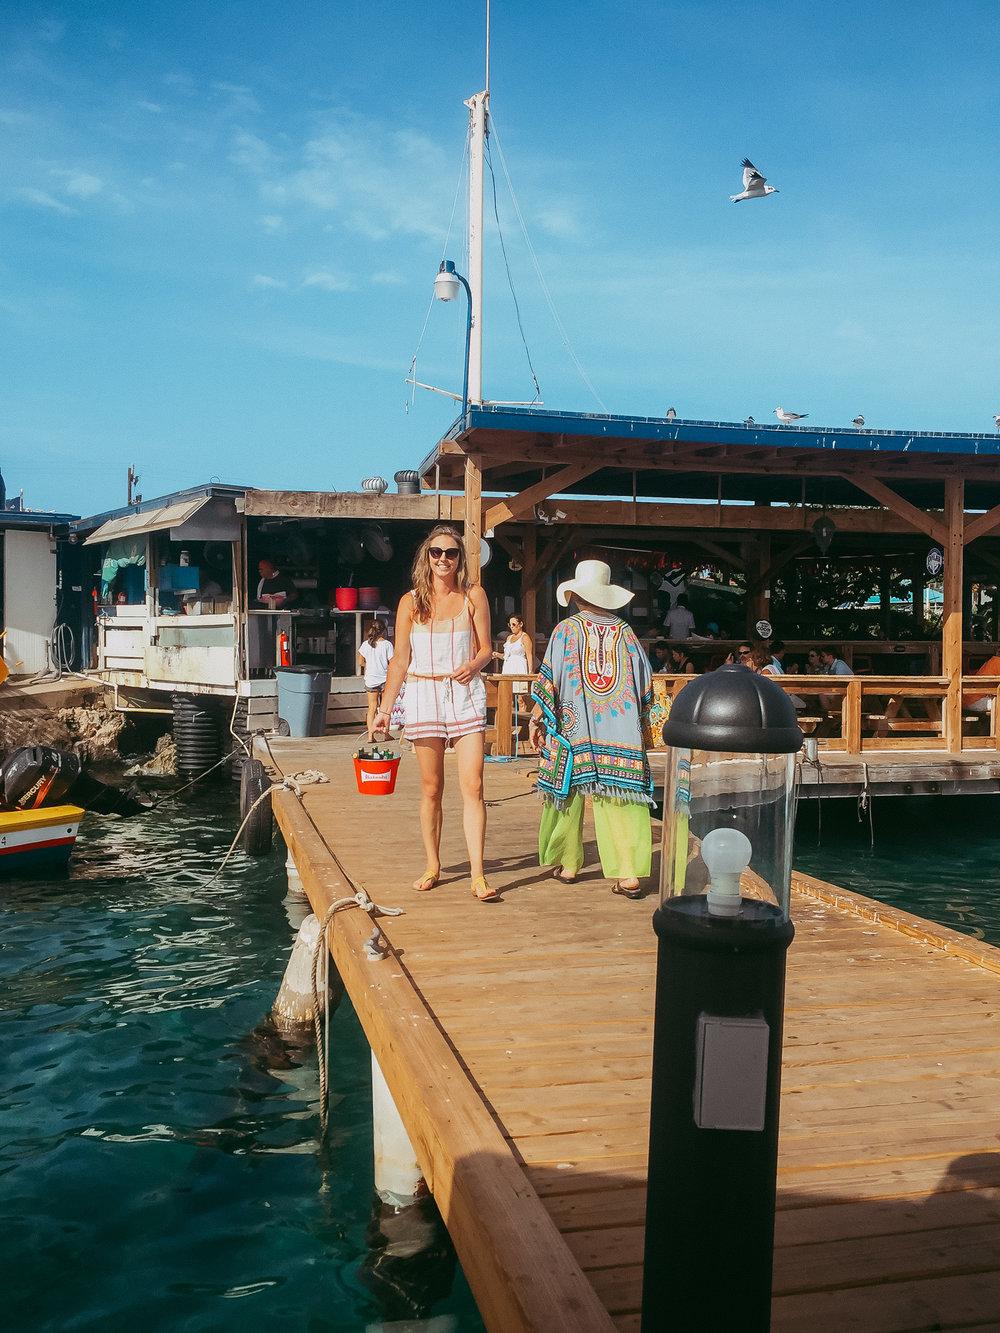 Another bucket of beer at Zee Rovers - Aruba